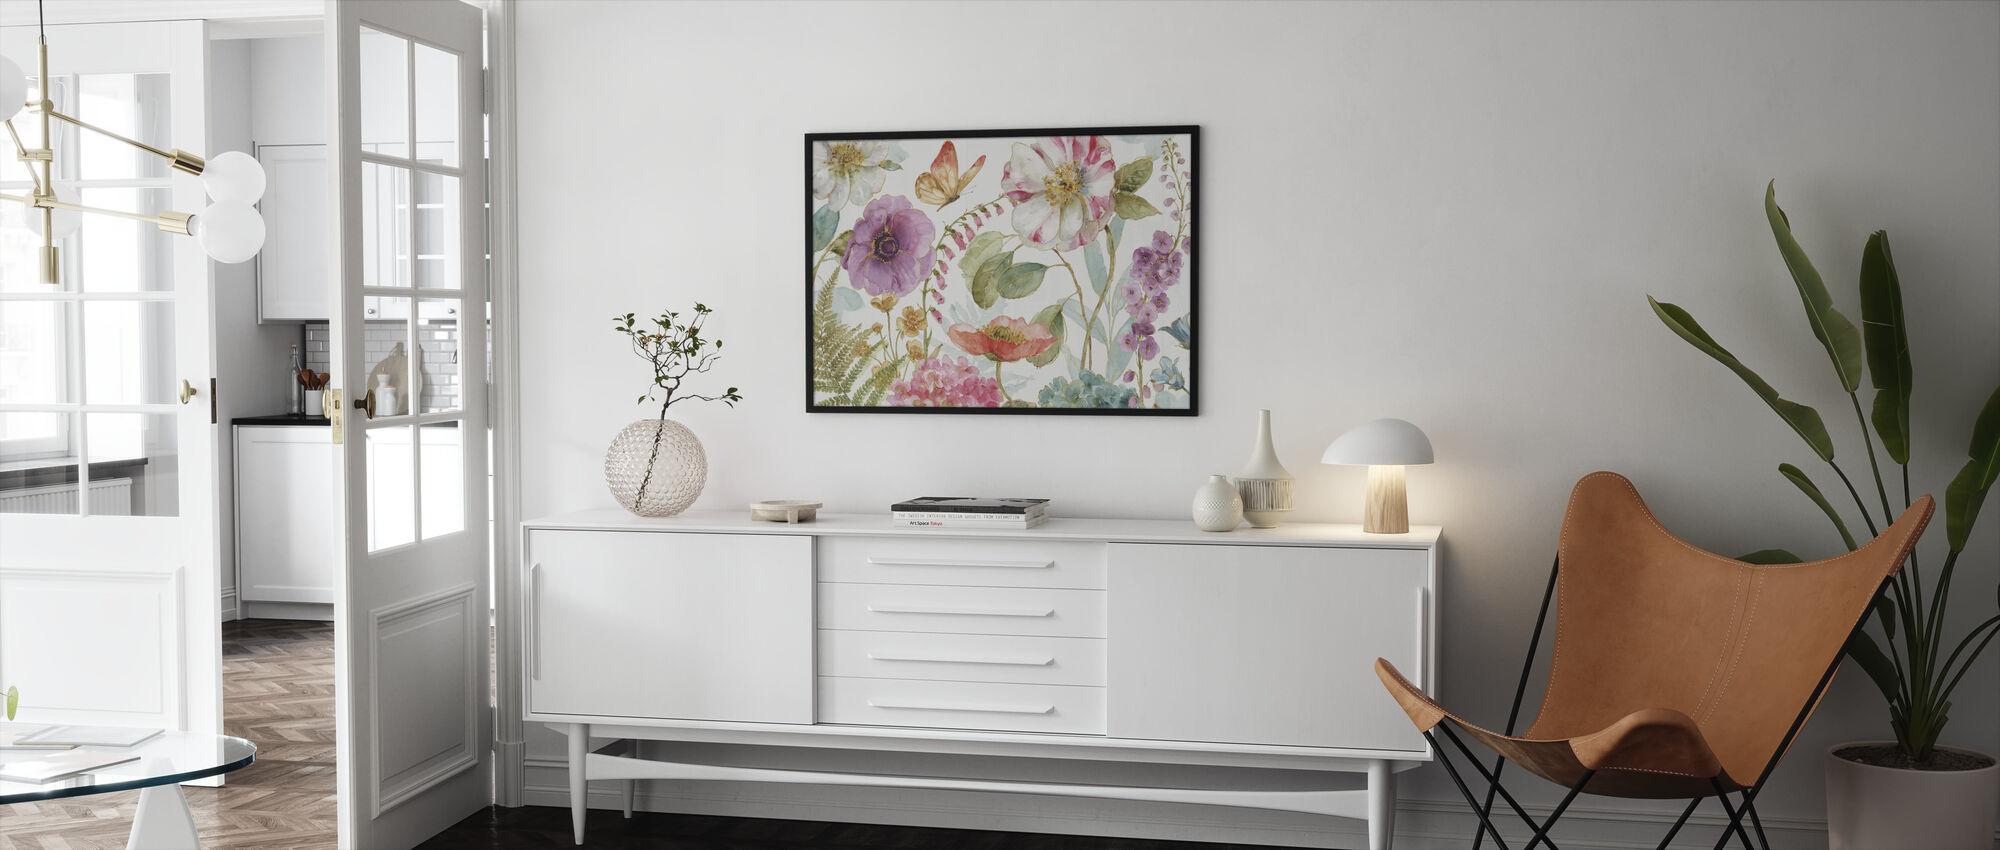 Regenboog Zaden Bloemen 1 - Ingelijste print - Woonkamer